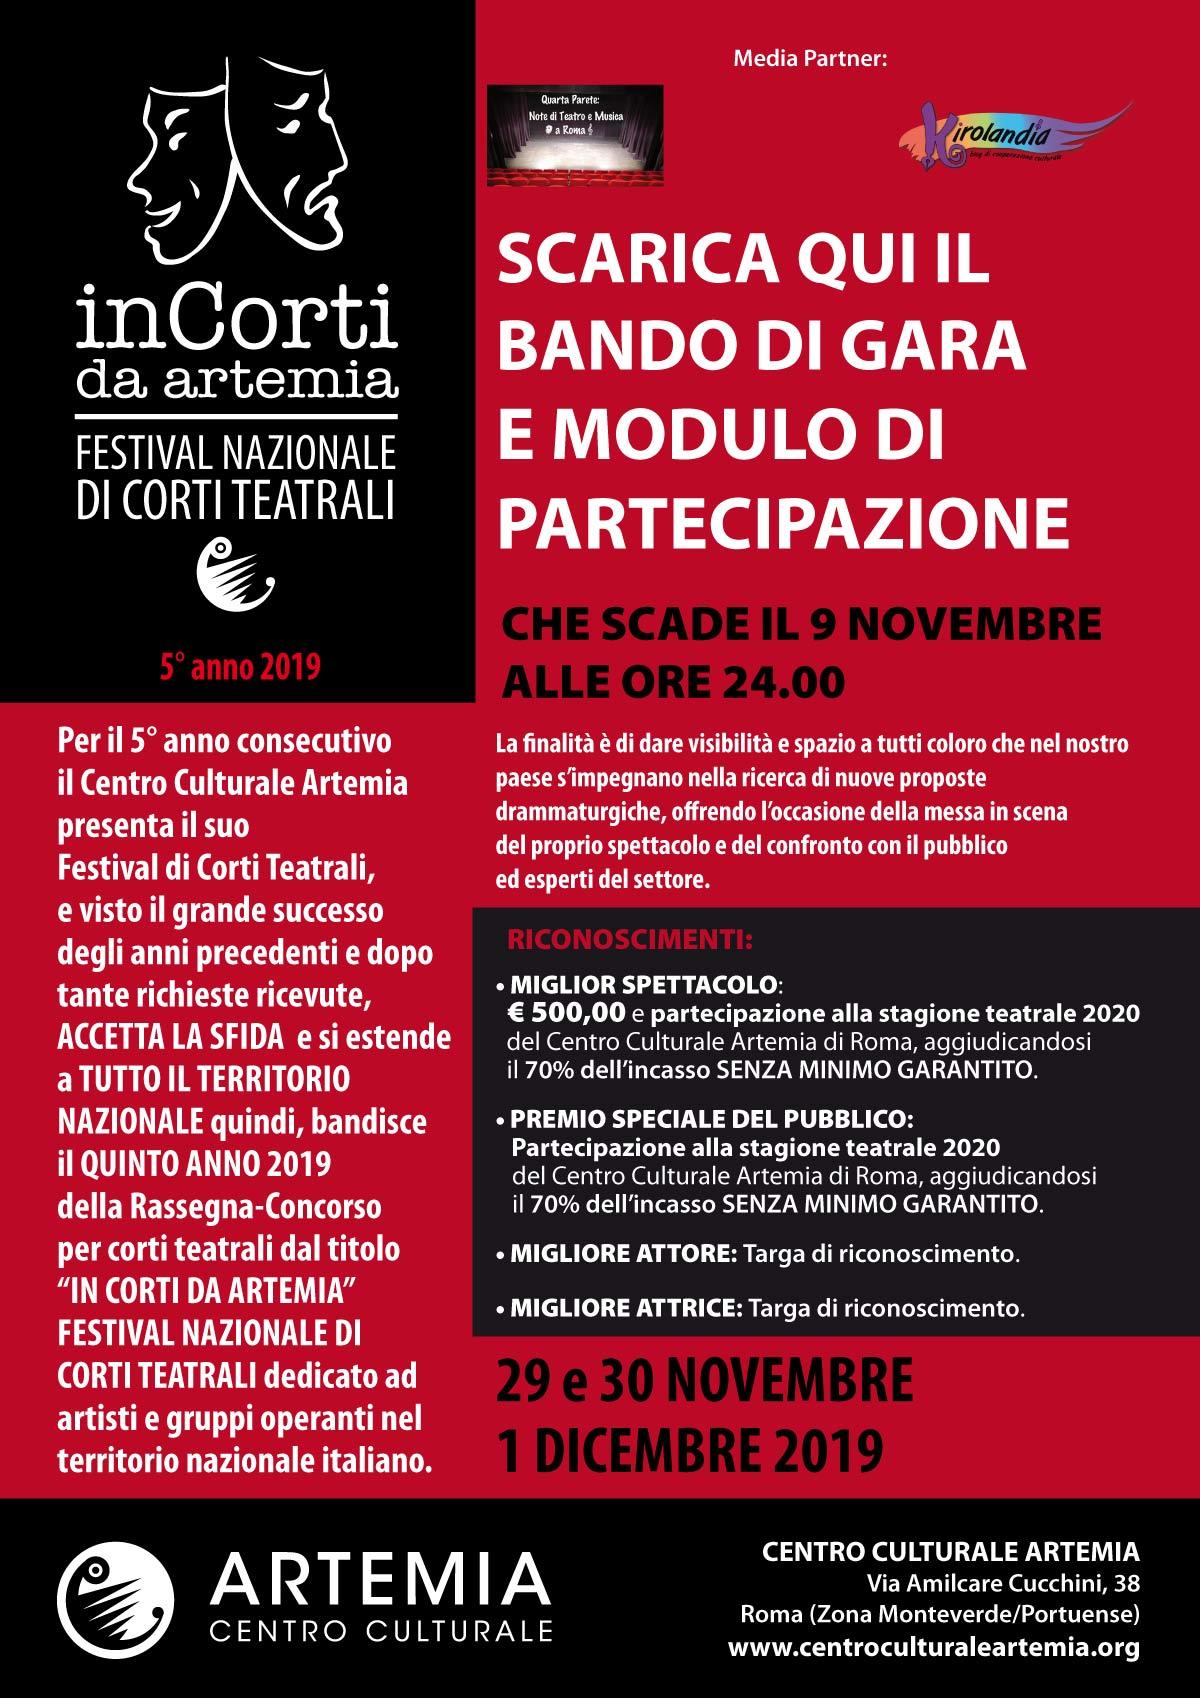 InCorti da Artemia – Festival Nazionale di Corti Teatrali – BANDO